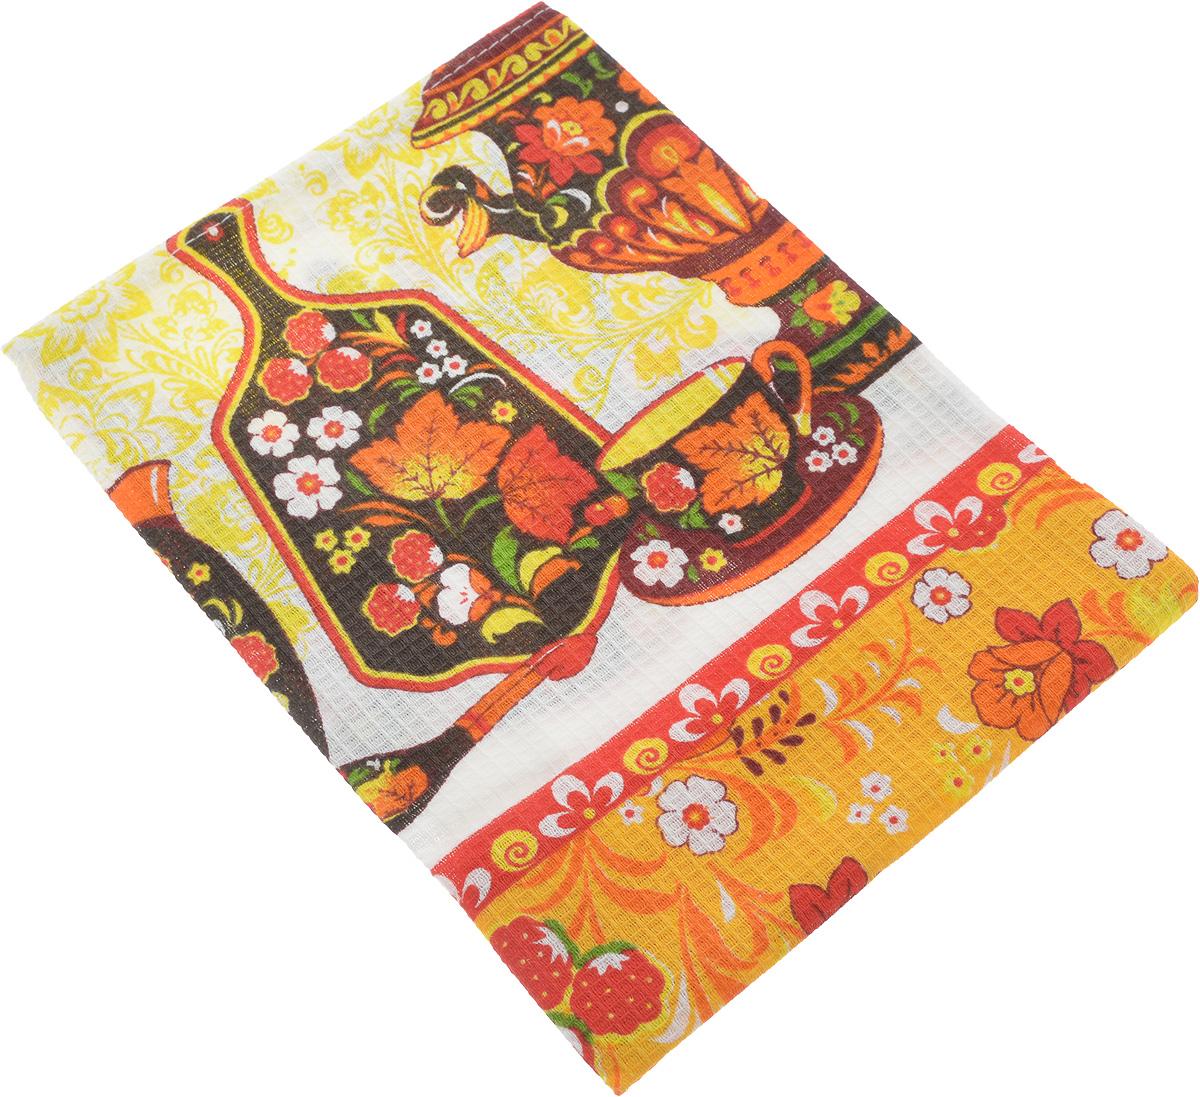 Полотенце кухонное ROKO, 60 х 30 смVT-1520(SR)Кухонное полотенце ROKO, выполненное из 100% хлопка, оформлено оригинальным принтом. Изделие предназначено для использования на кухне и в столовой. Оно отлично впитывает влагу, быстро сохнет, сохраняет яркость цвета и не теряет форму даже после многократных стирок. Такое полотенце станет отличным вариантом для практичной и современной хозяйки.